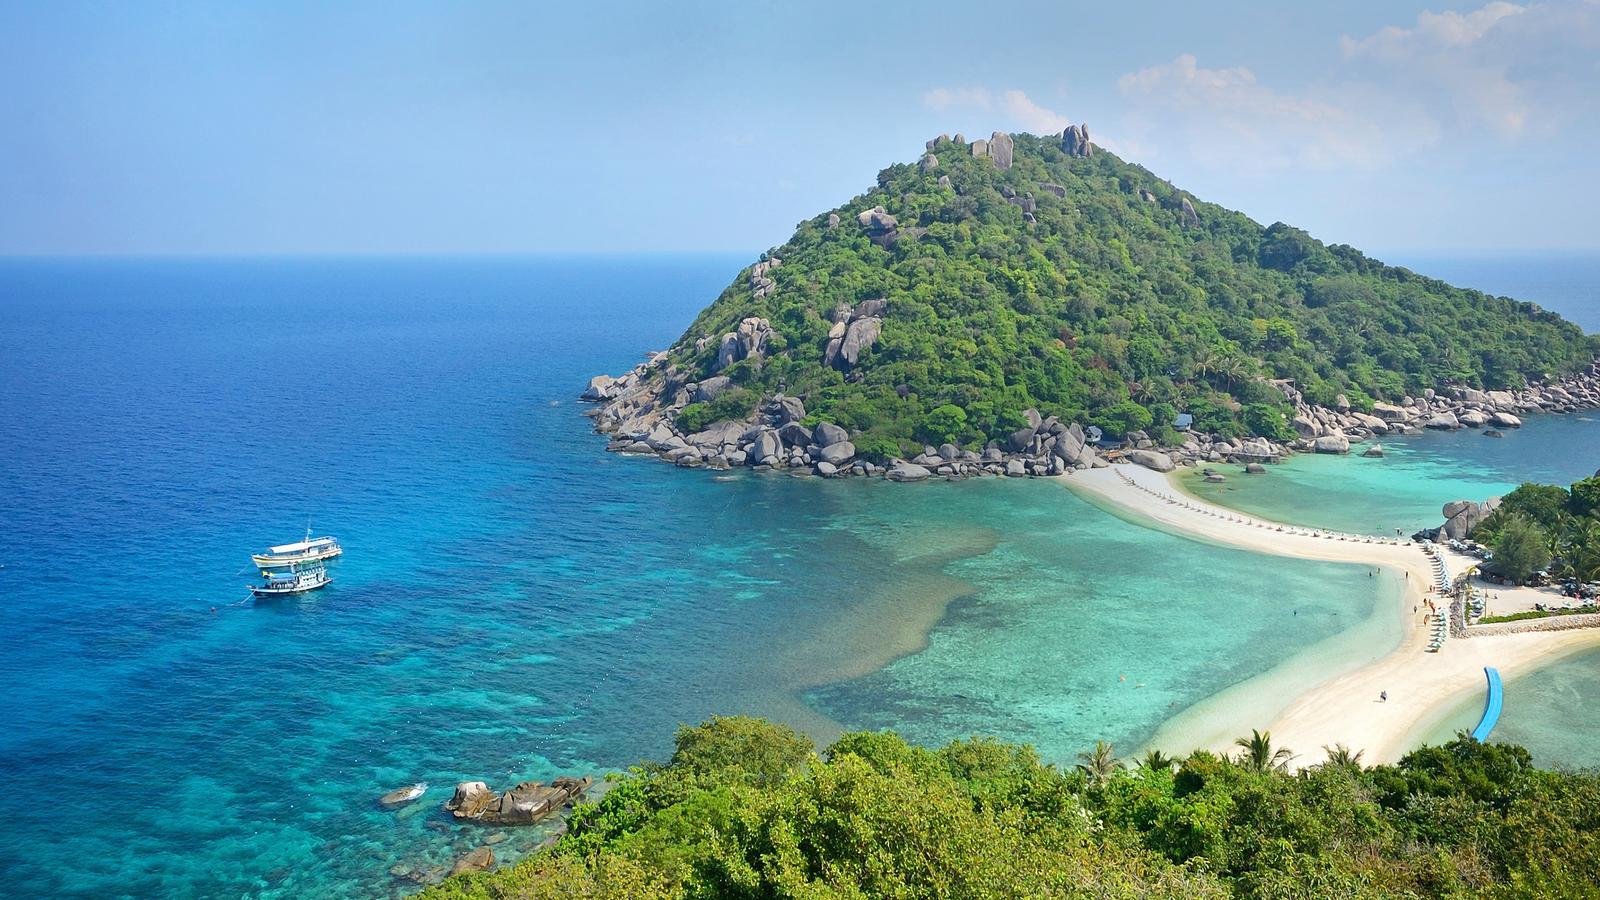 الأوقات شواطئ-تايلاند.jpg